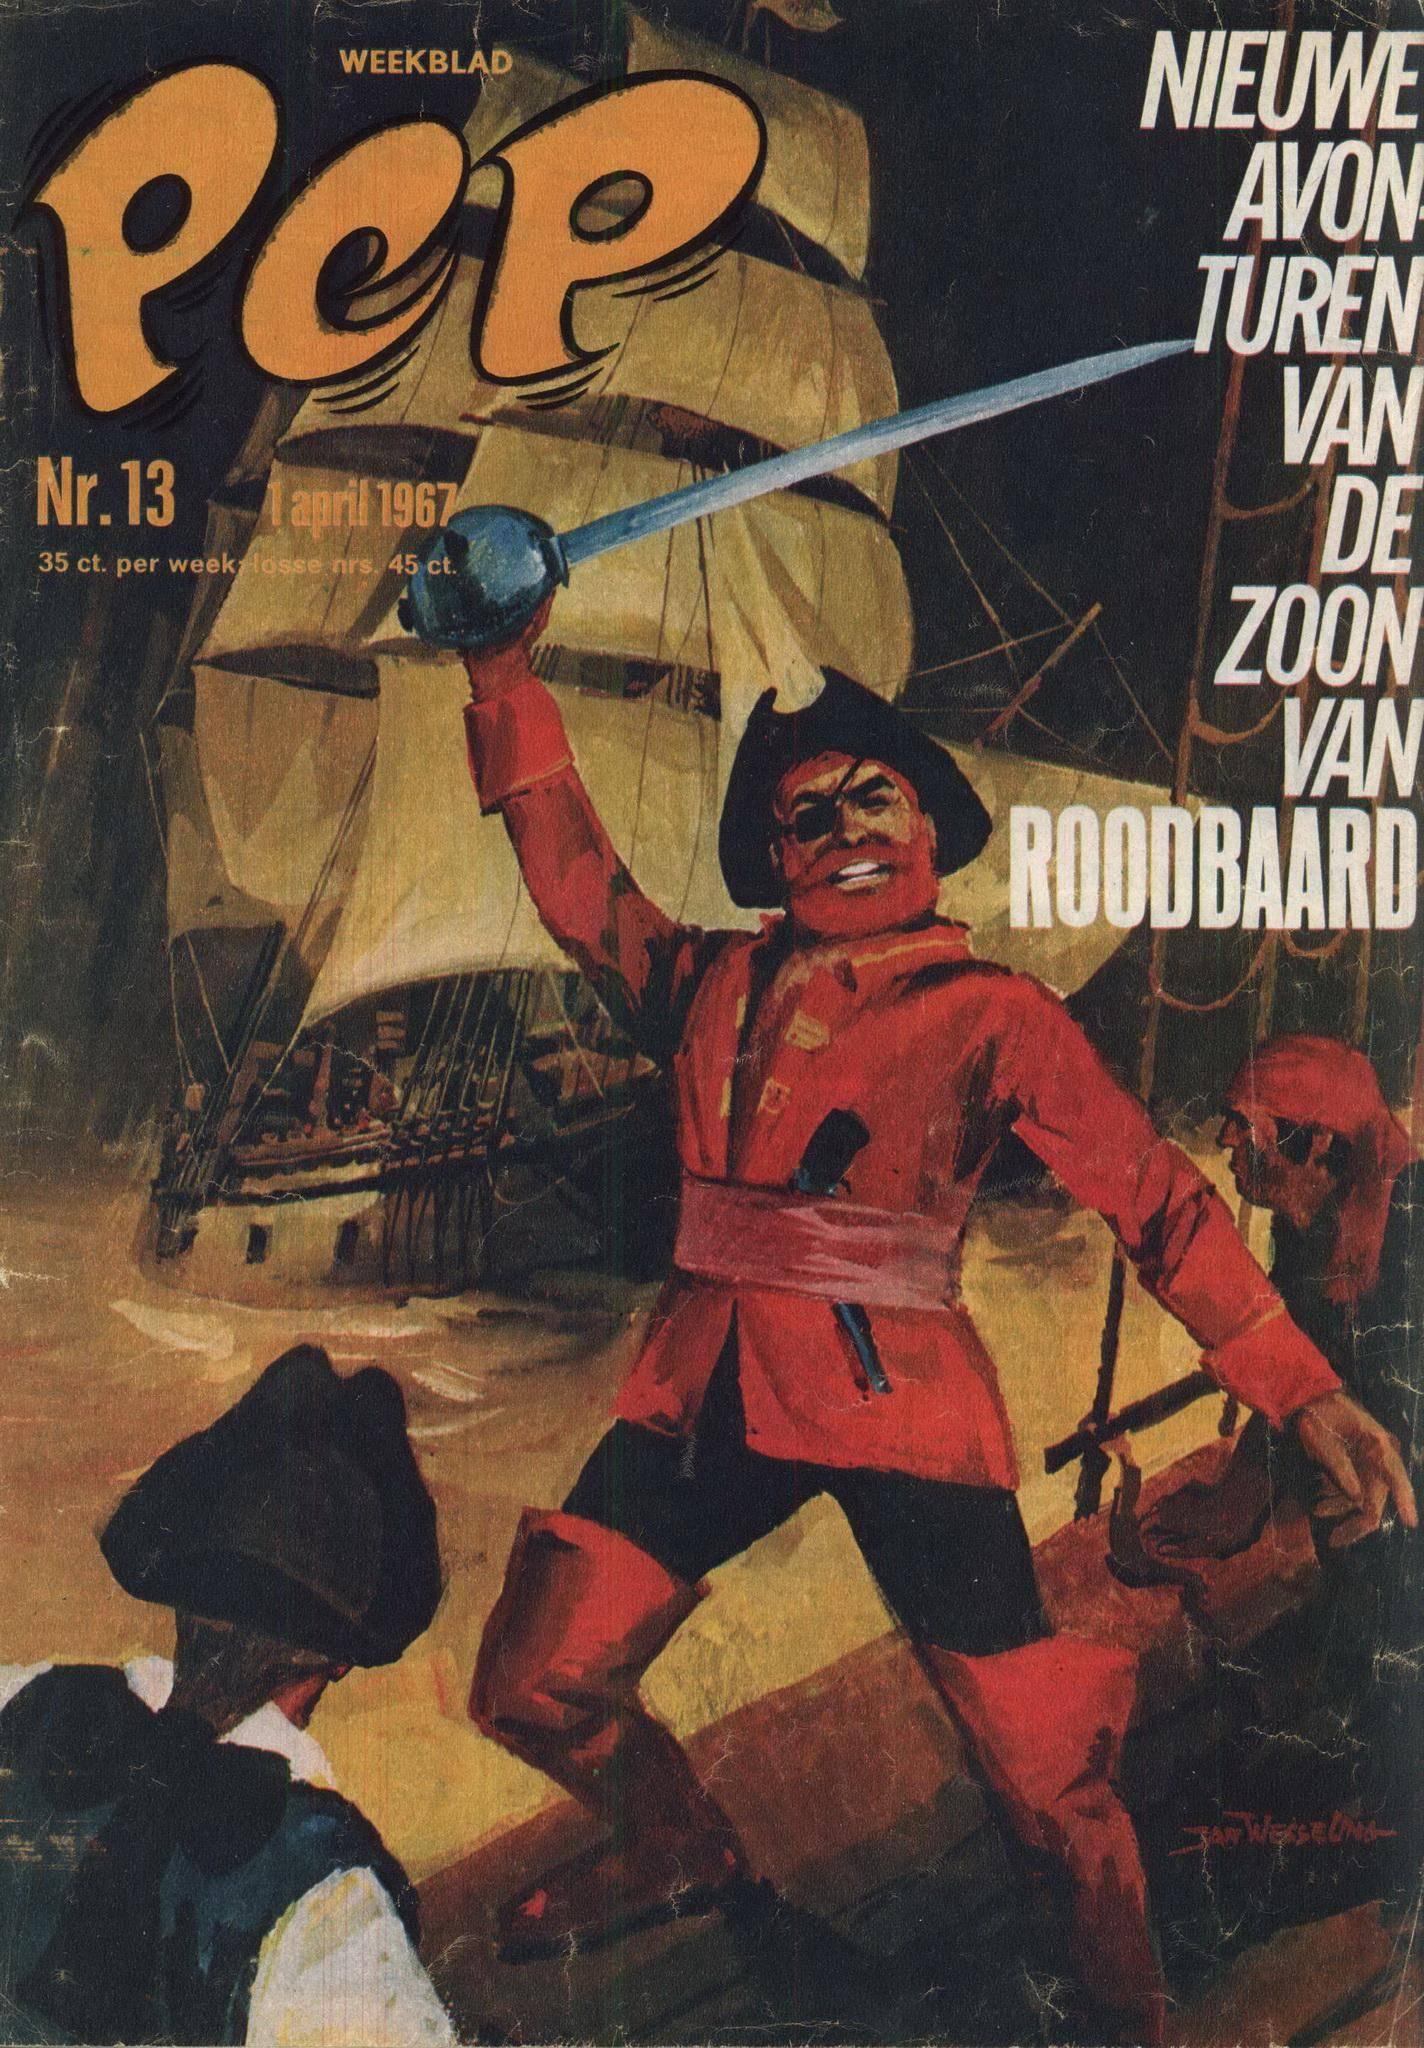 weekblad 1334 Pep Weekblad 1967 13 cbr